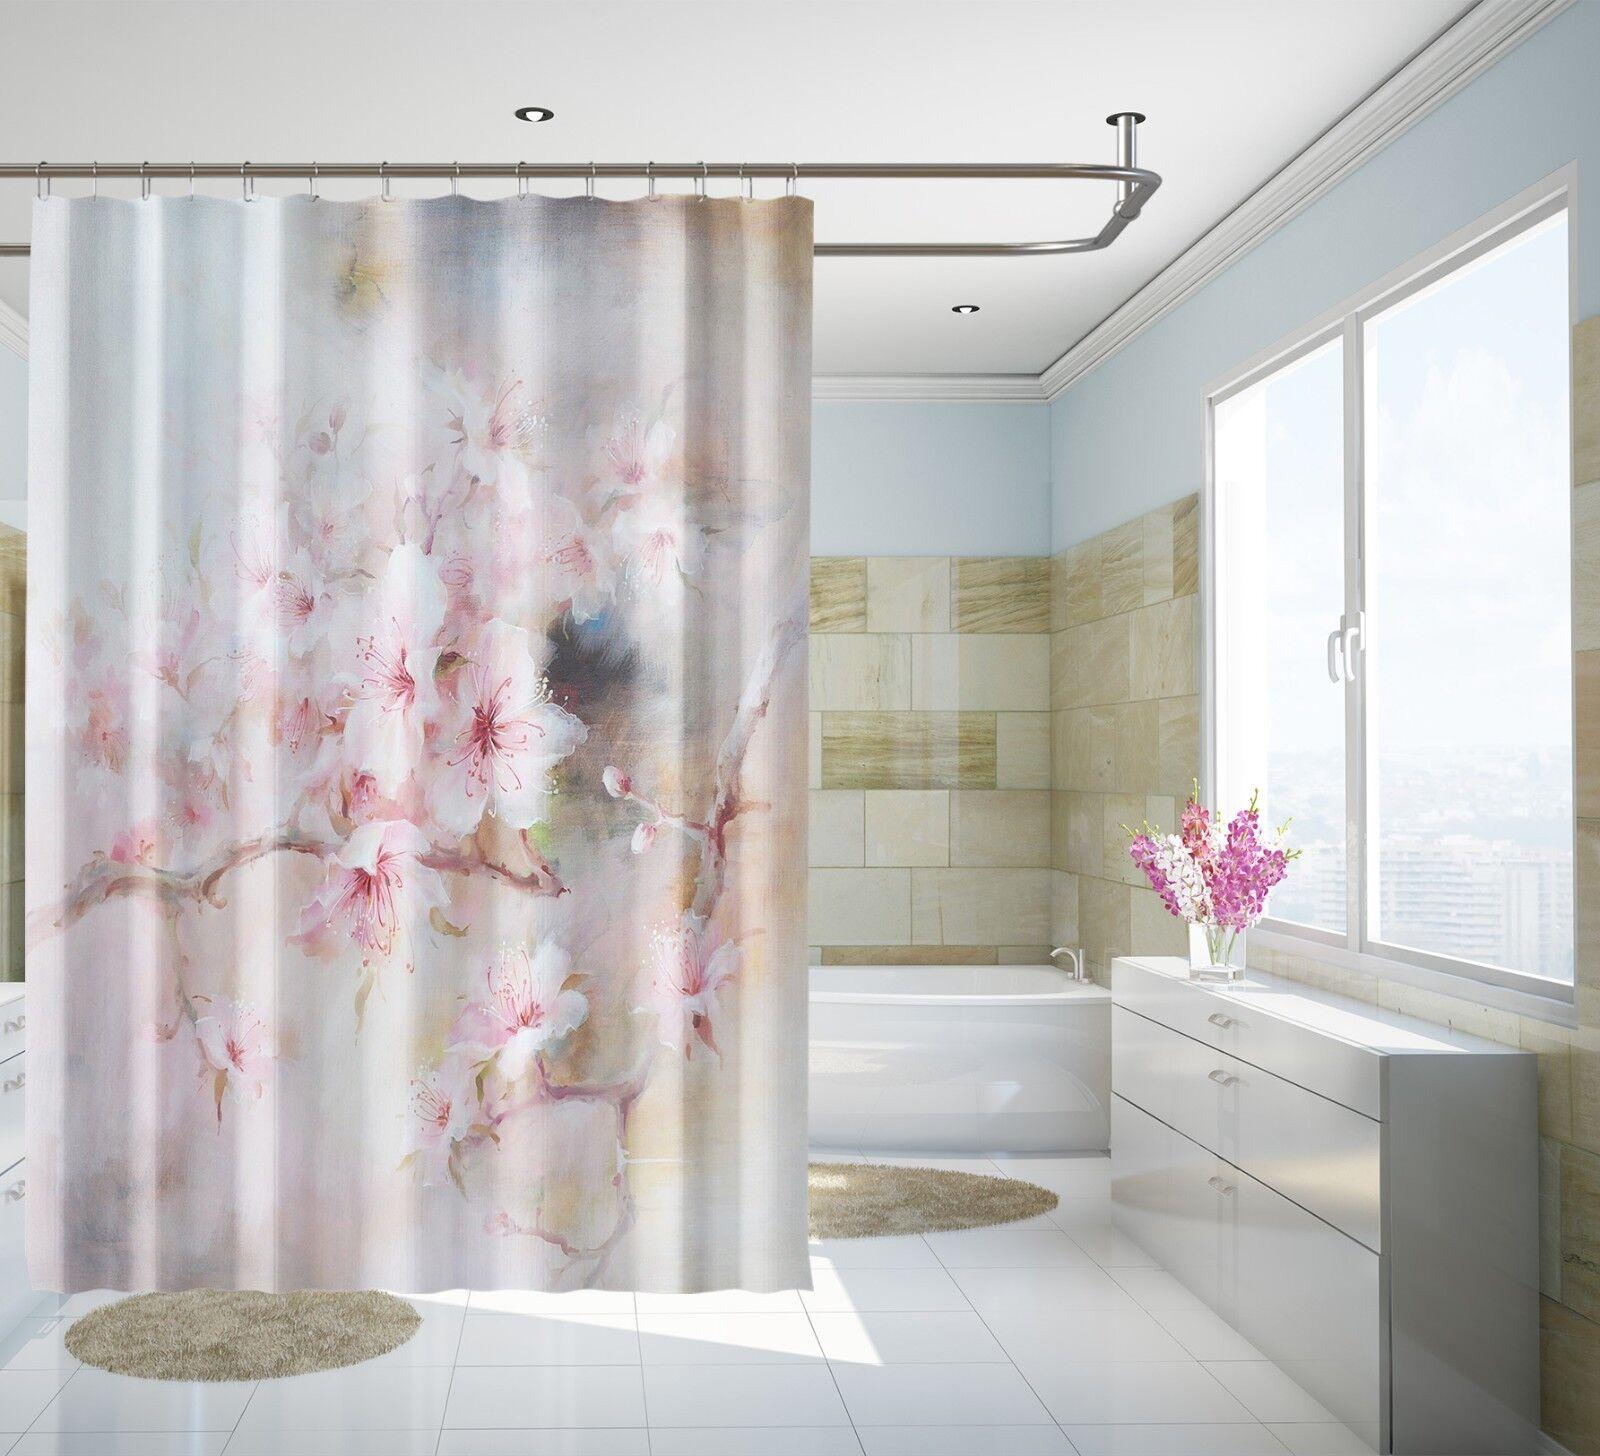 3D Pfirsichblüte 2 Duschvorhang Wasserdicht Faser Bad Daheim Windows Toilette DE | Gute Qualität